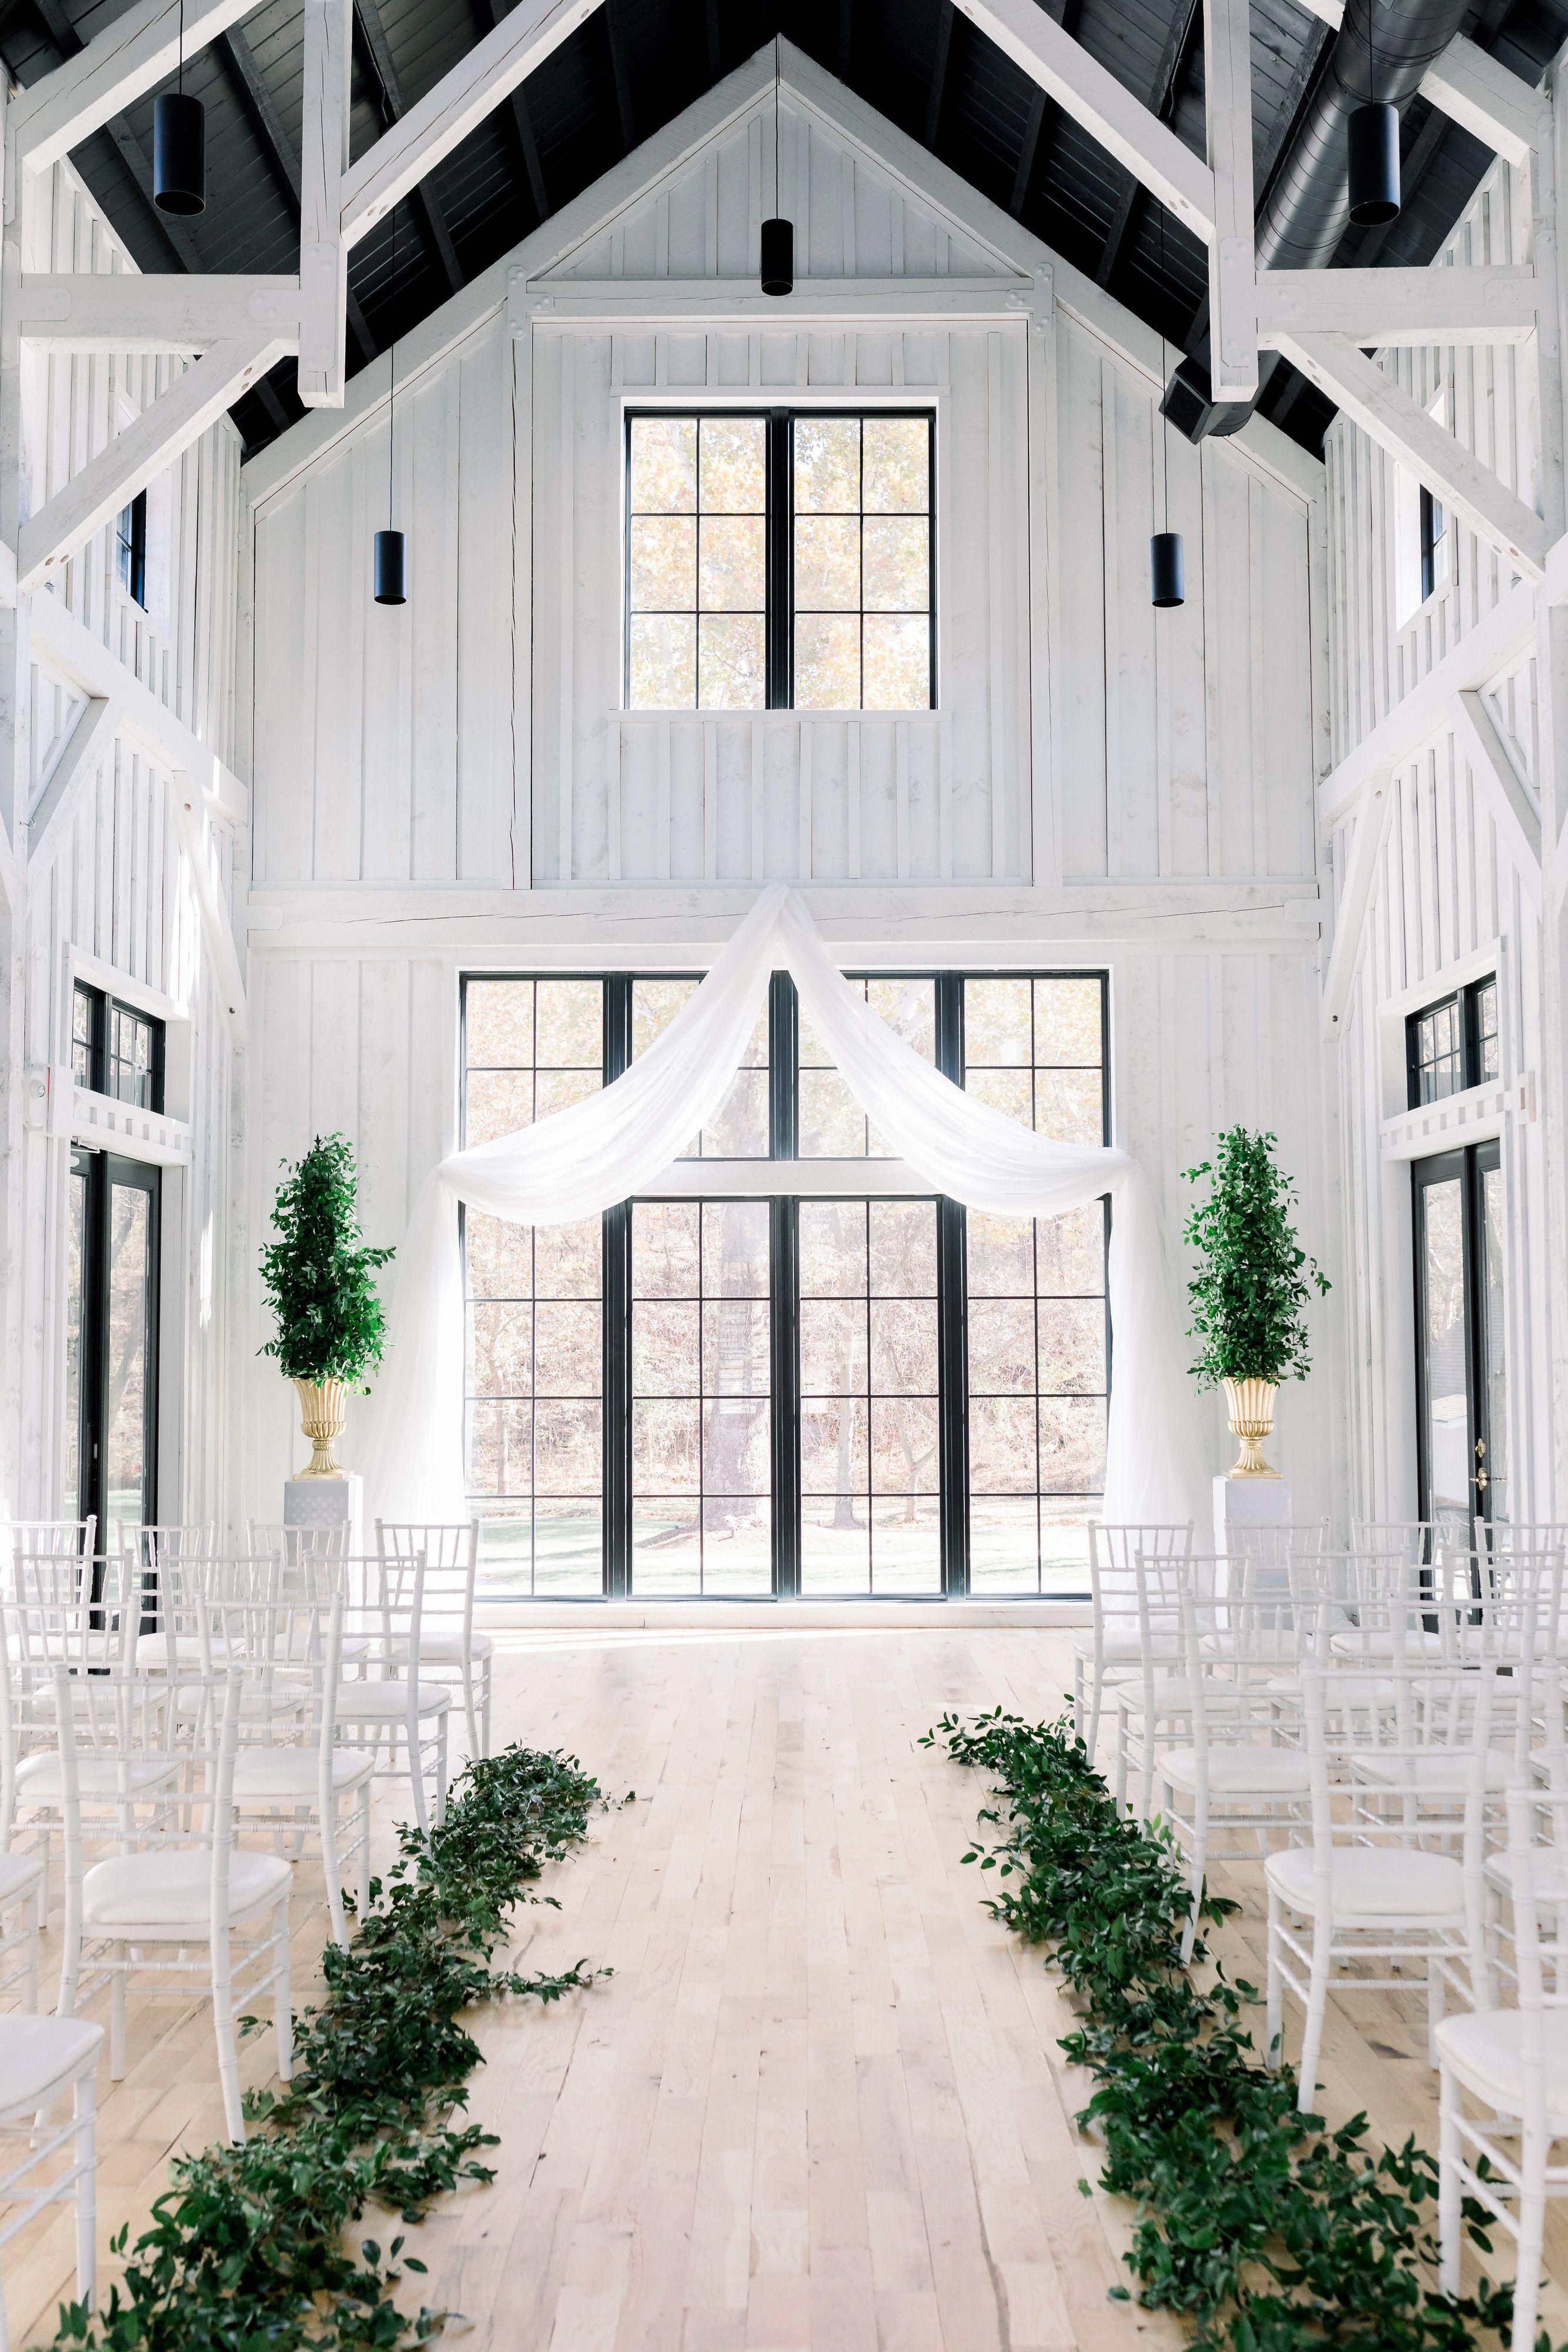 The Black Barn At Spain Ranch Brides Of Oklahoma Black Barn Modern Wedding Venue Outdoor Wedding Venues